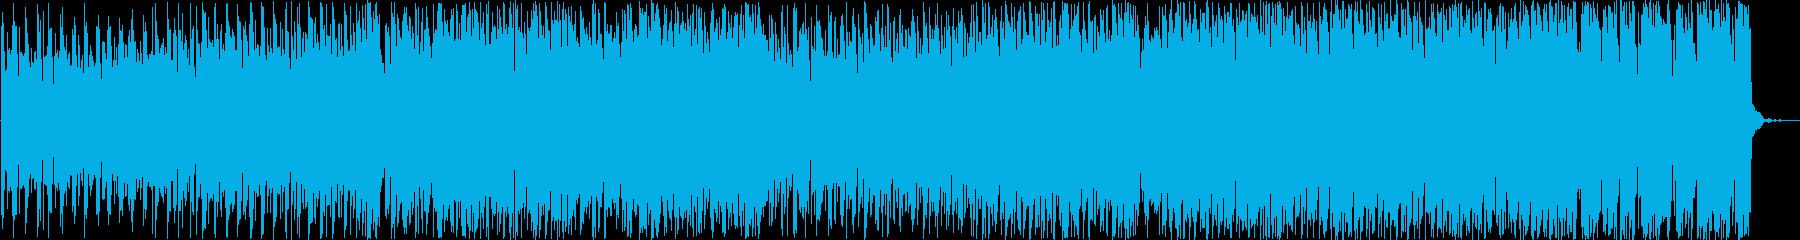 テンポ早めの縦ノリEDMの再生済みの波形